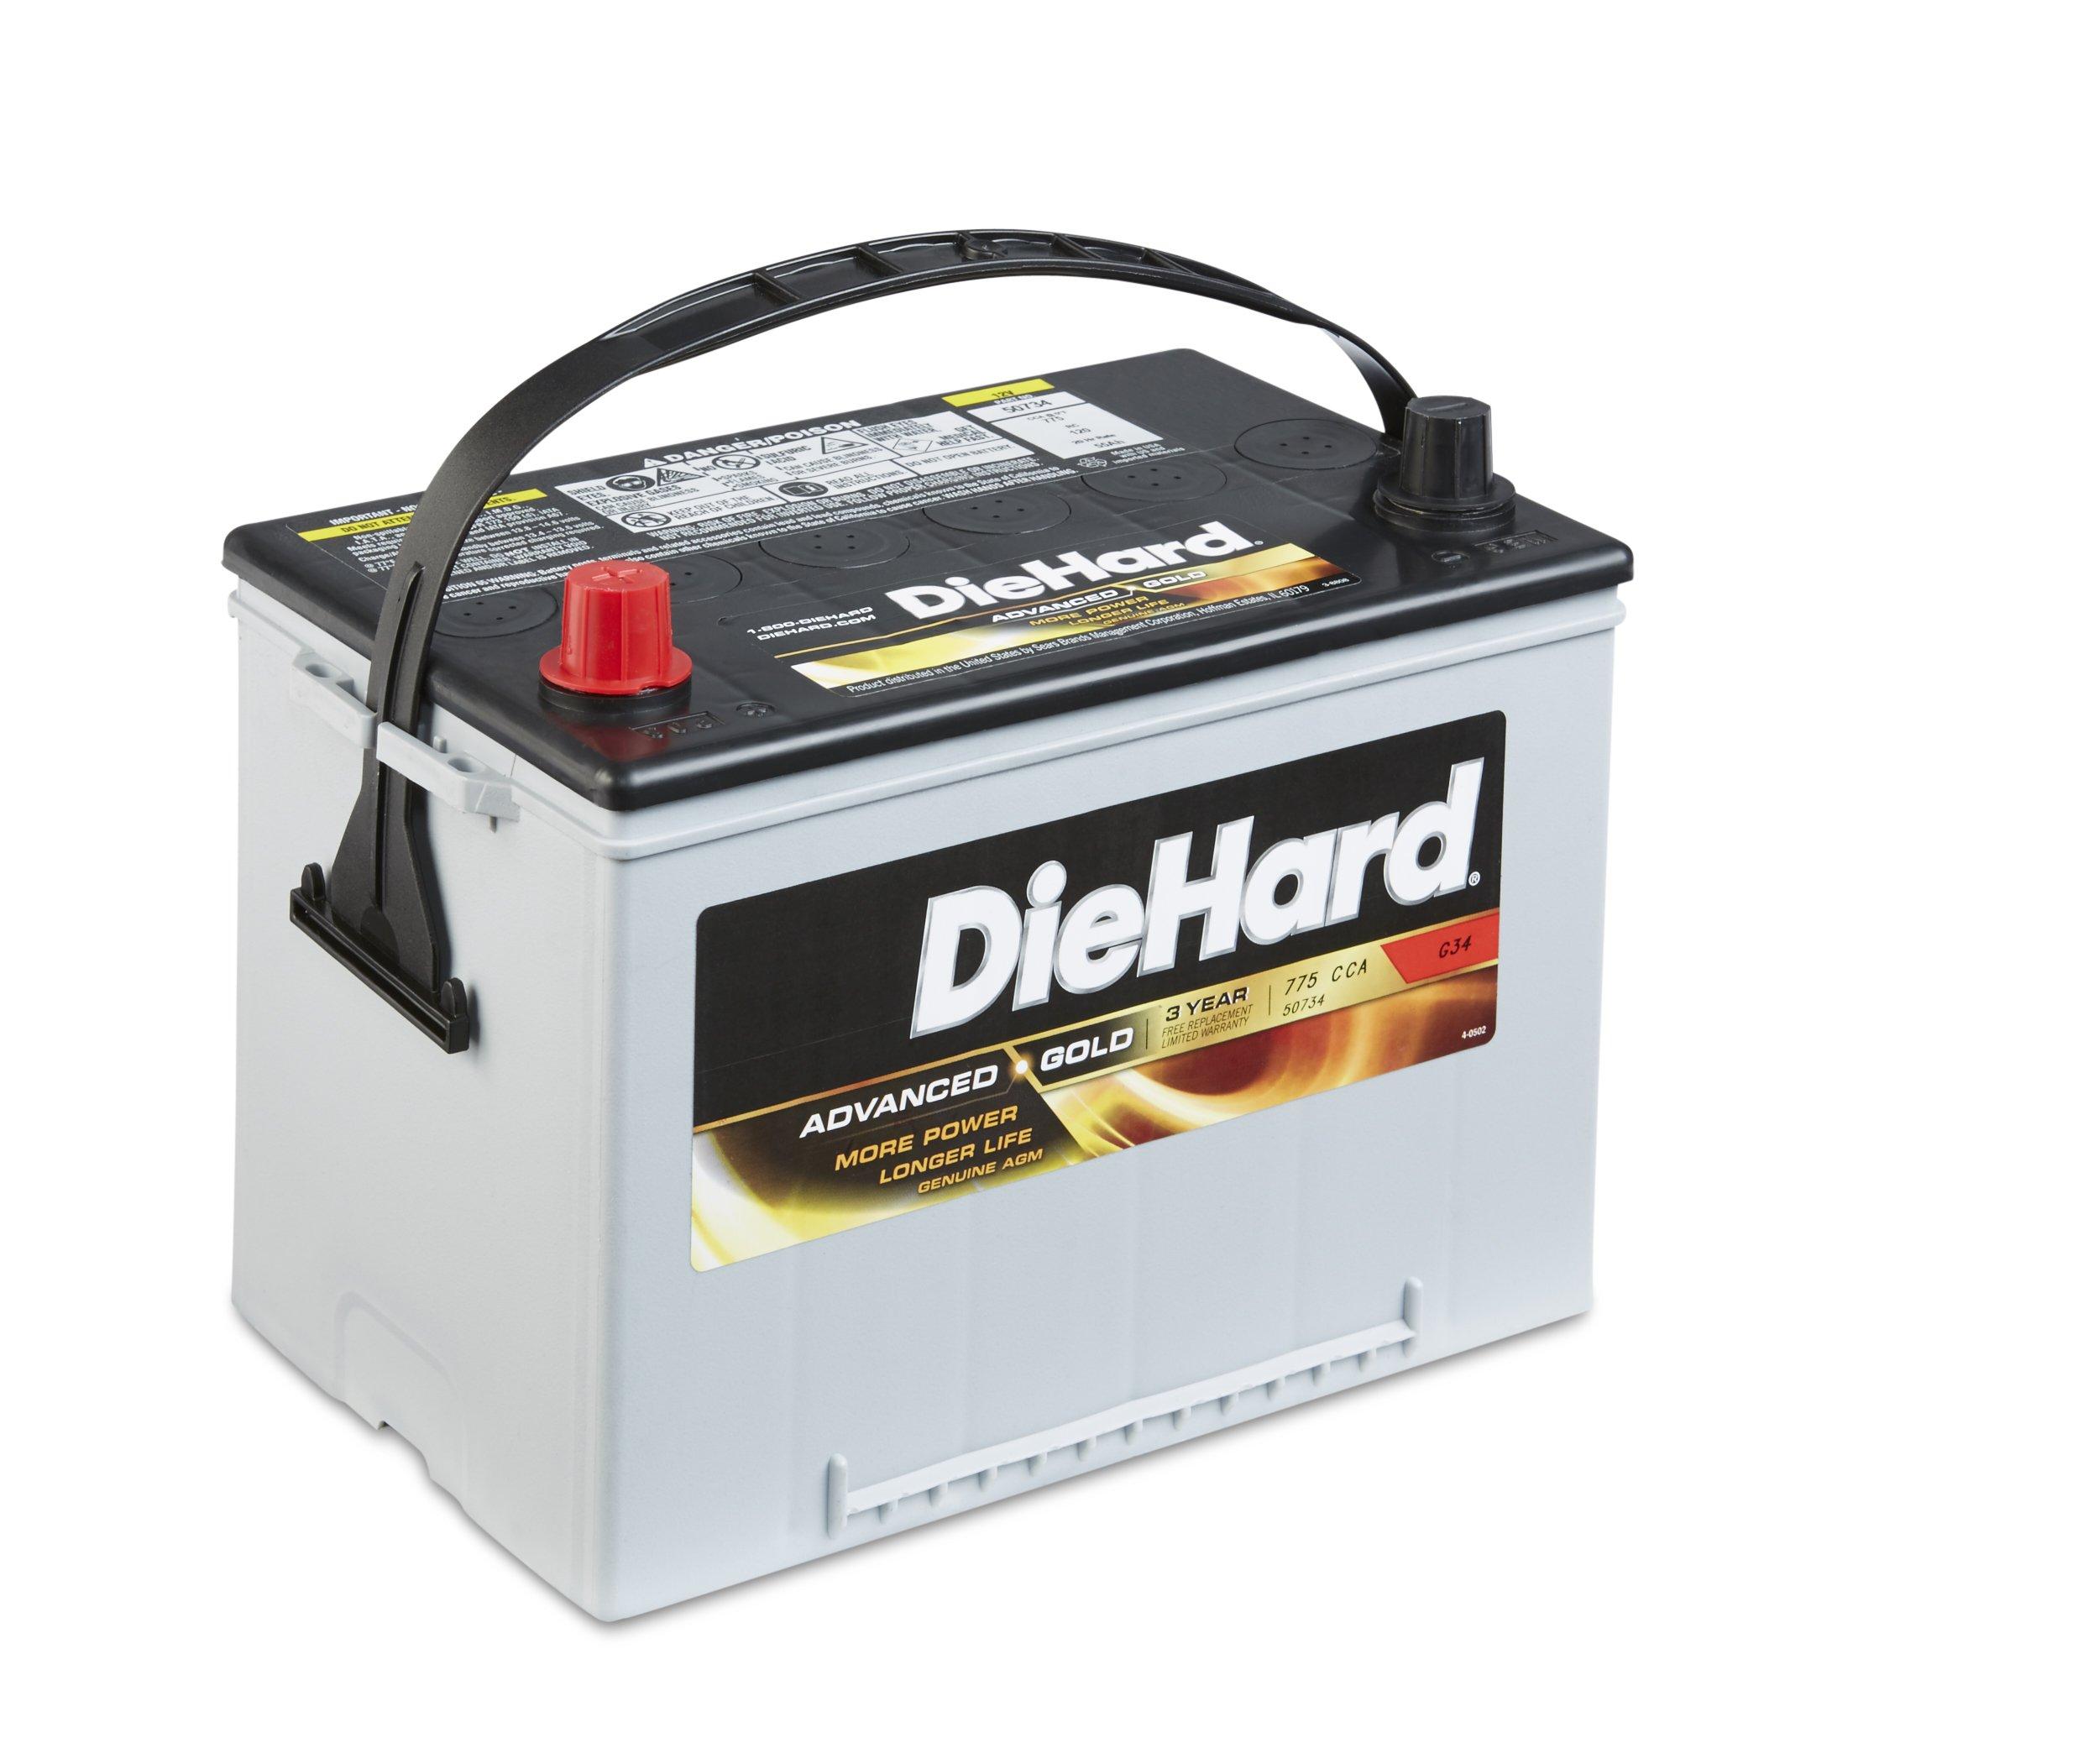 DieHard 38232 Advanced Gold AGM Battery (GP 34)